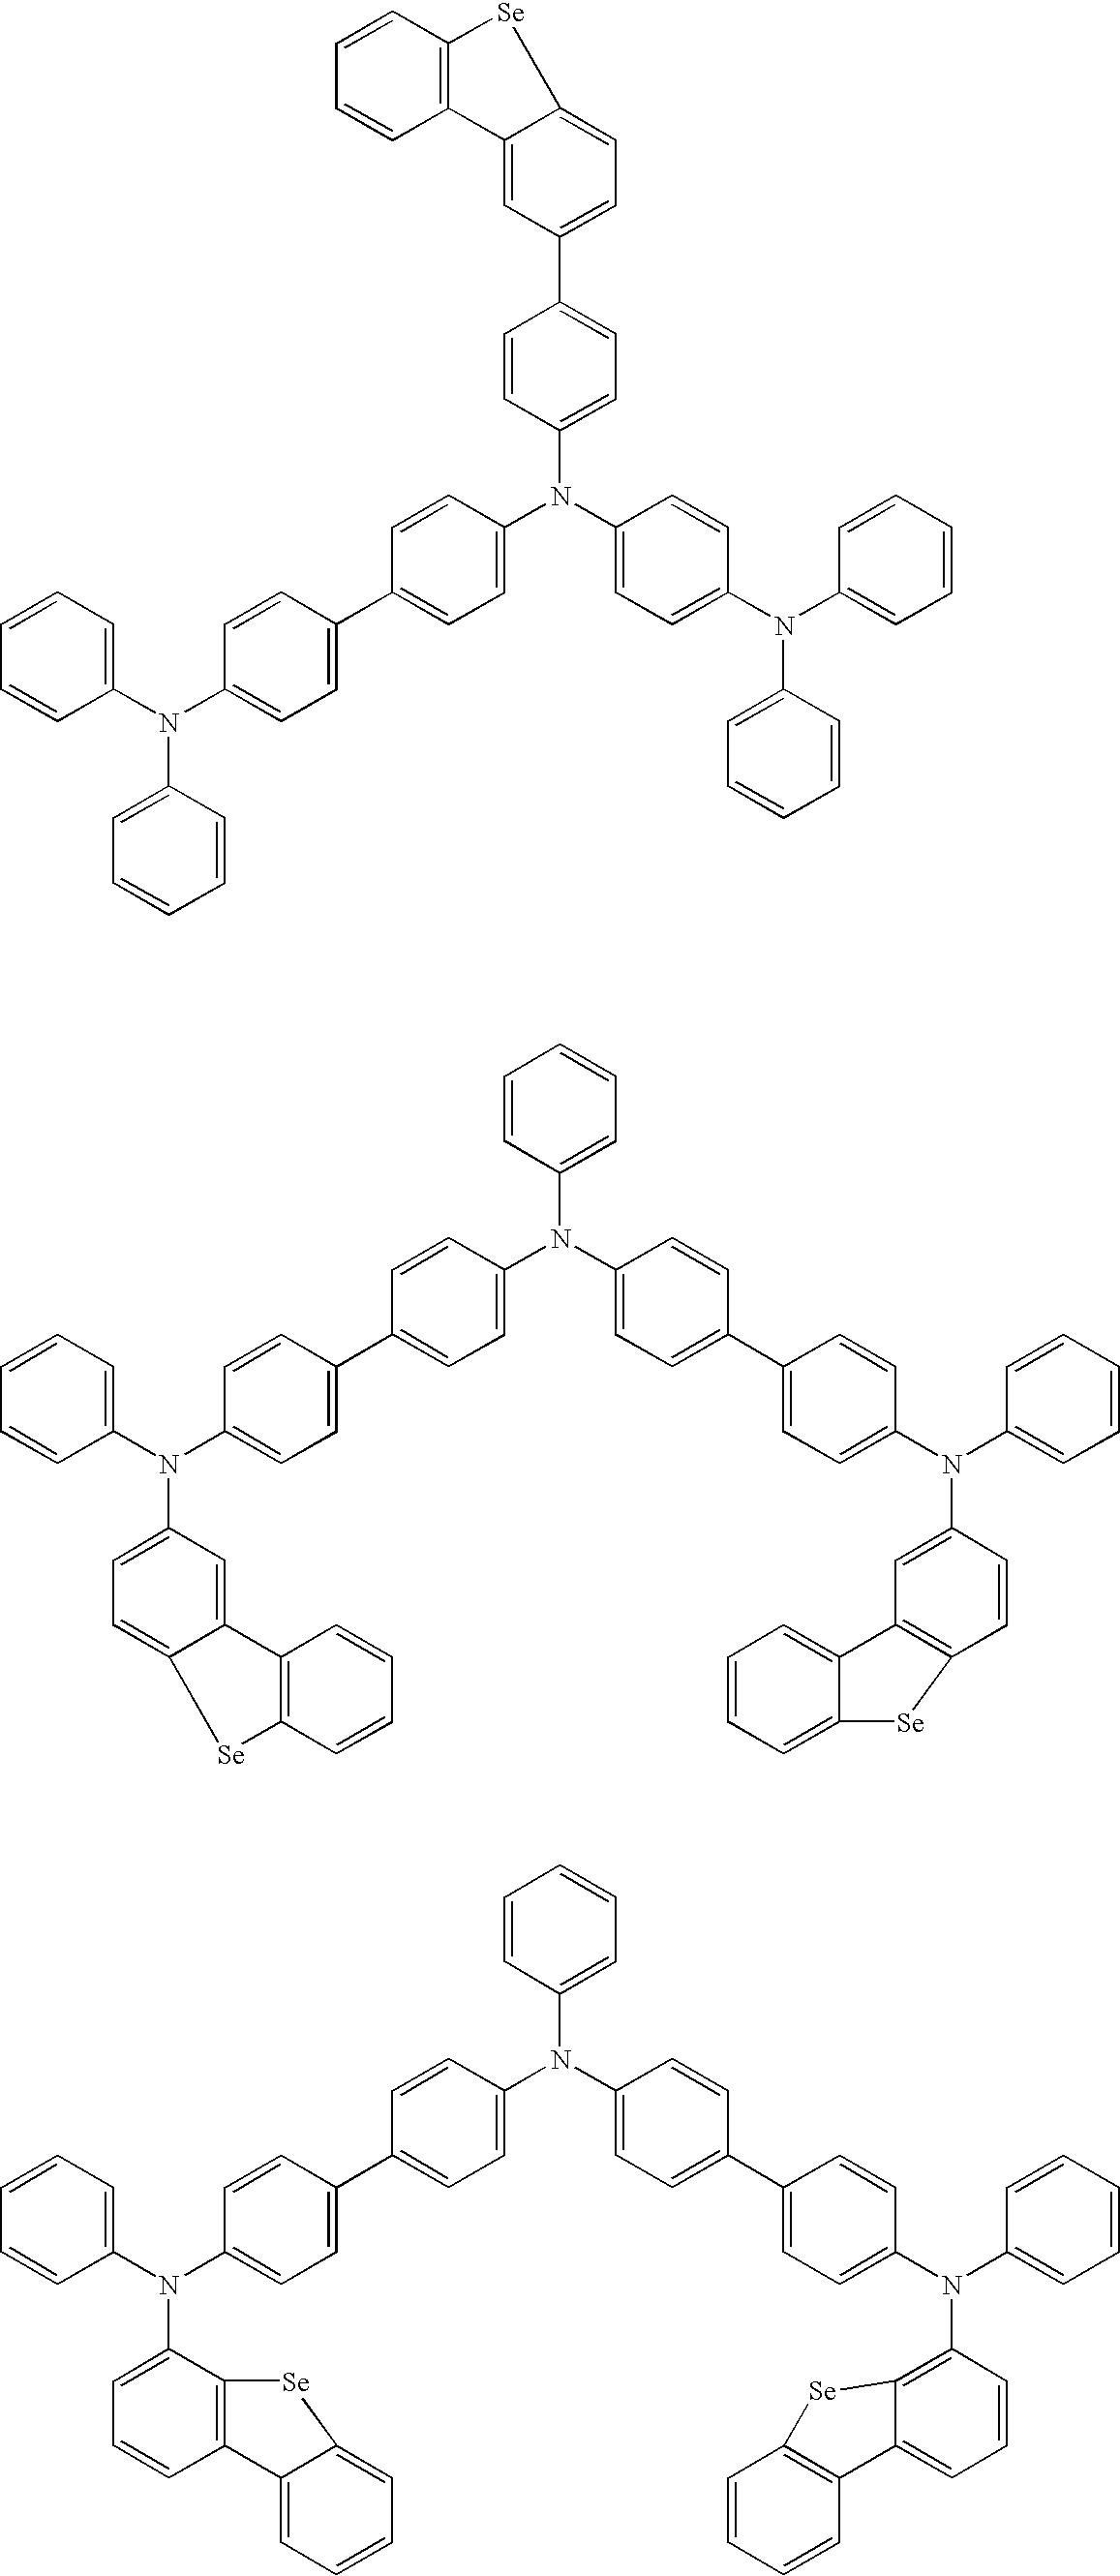 Figure US20100072887A1-20100325-C00215